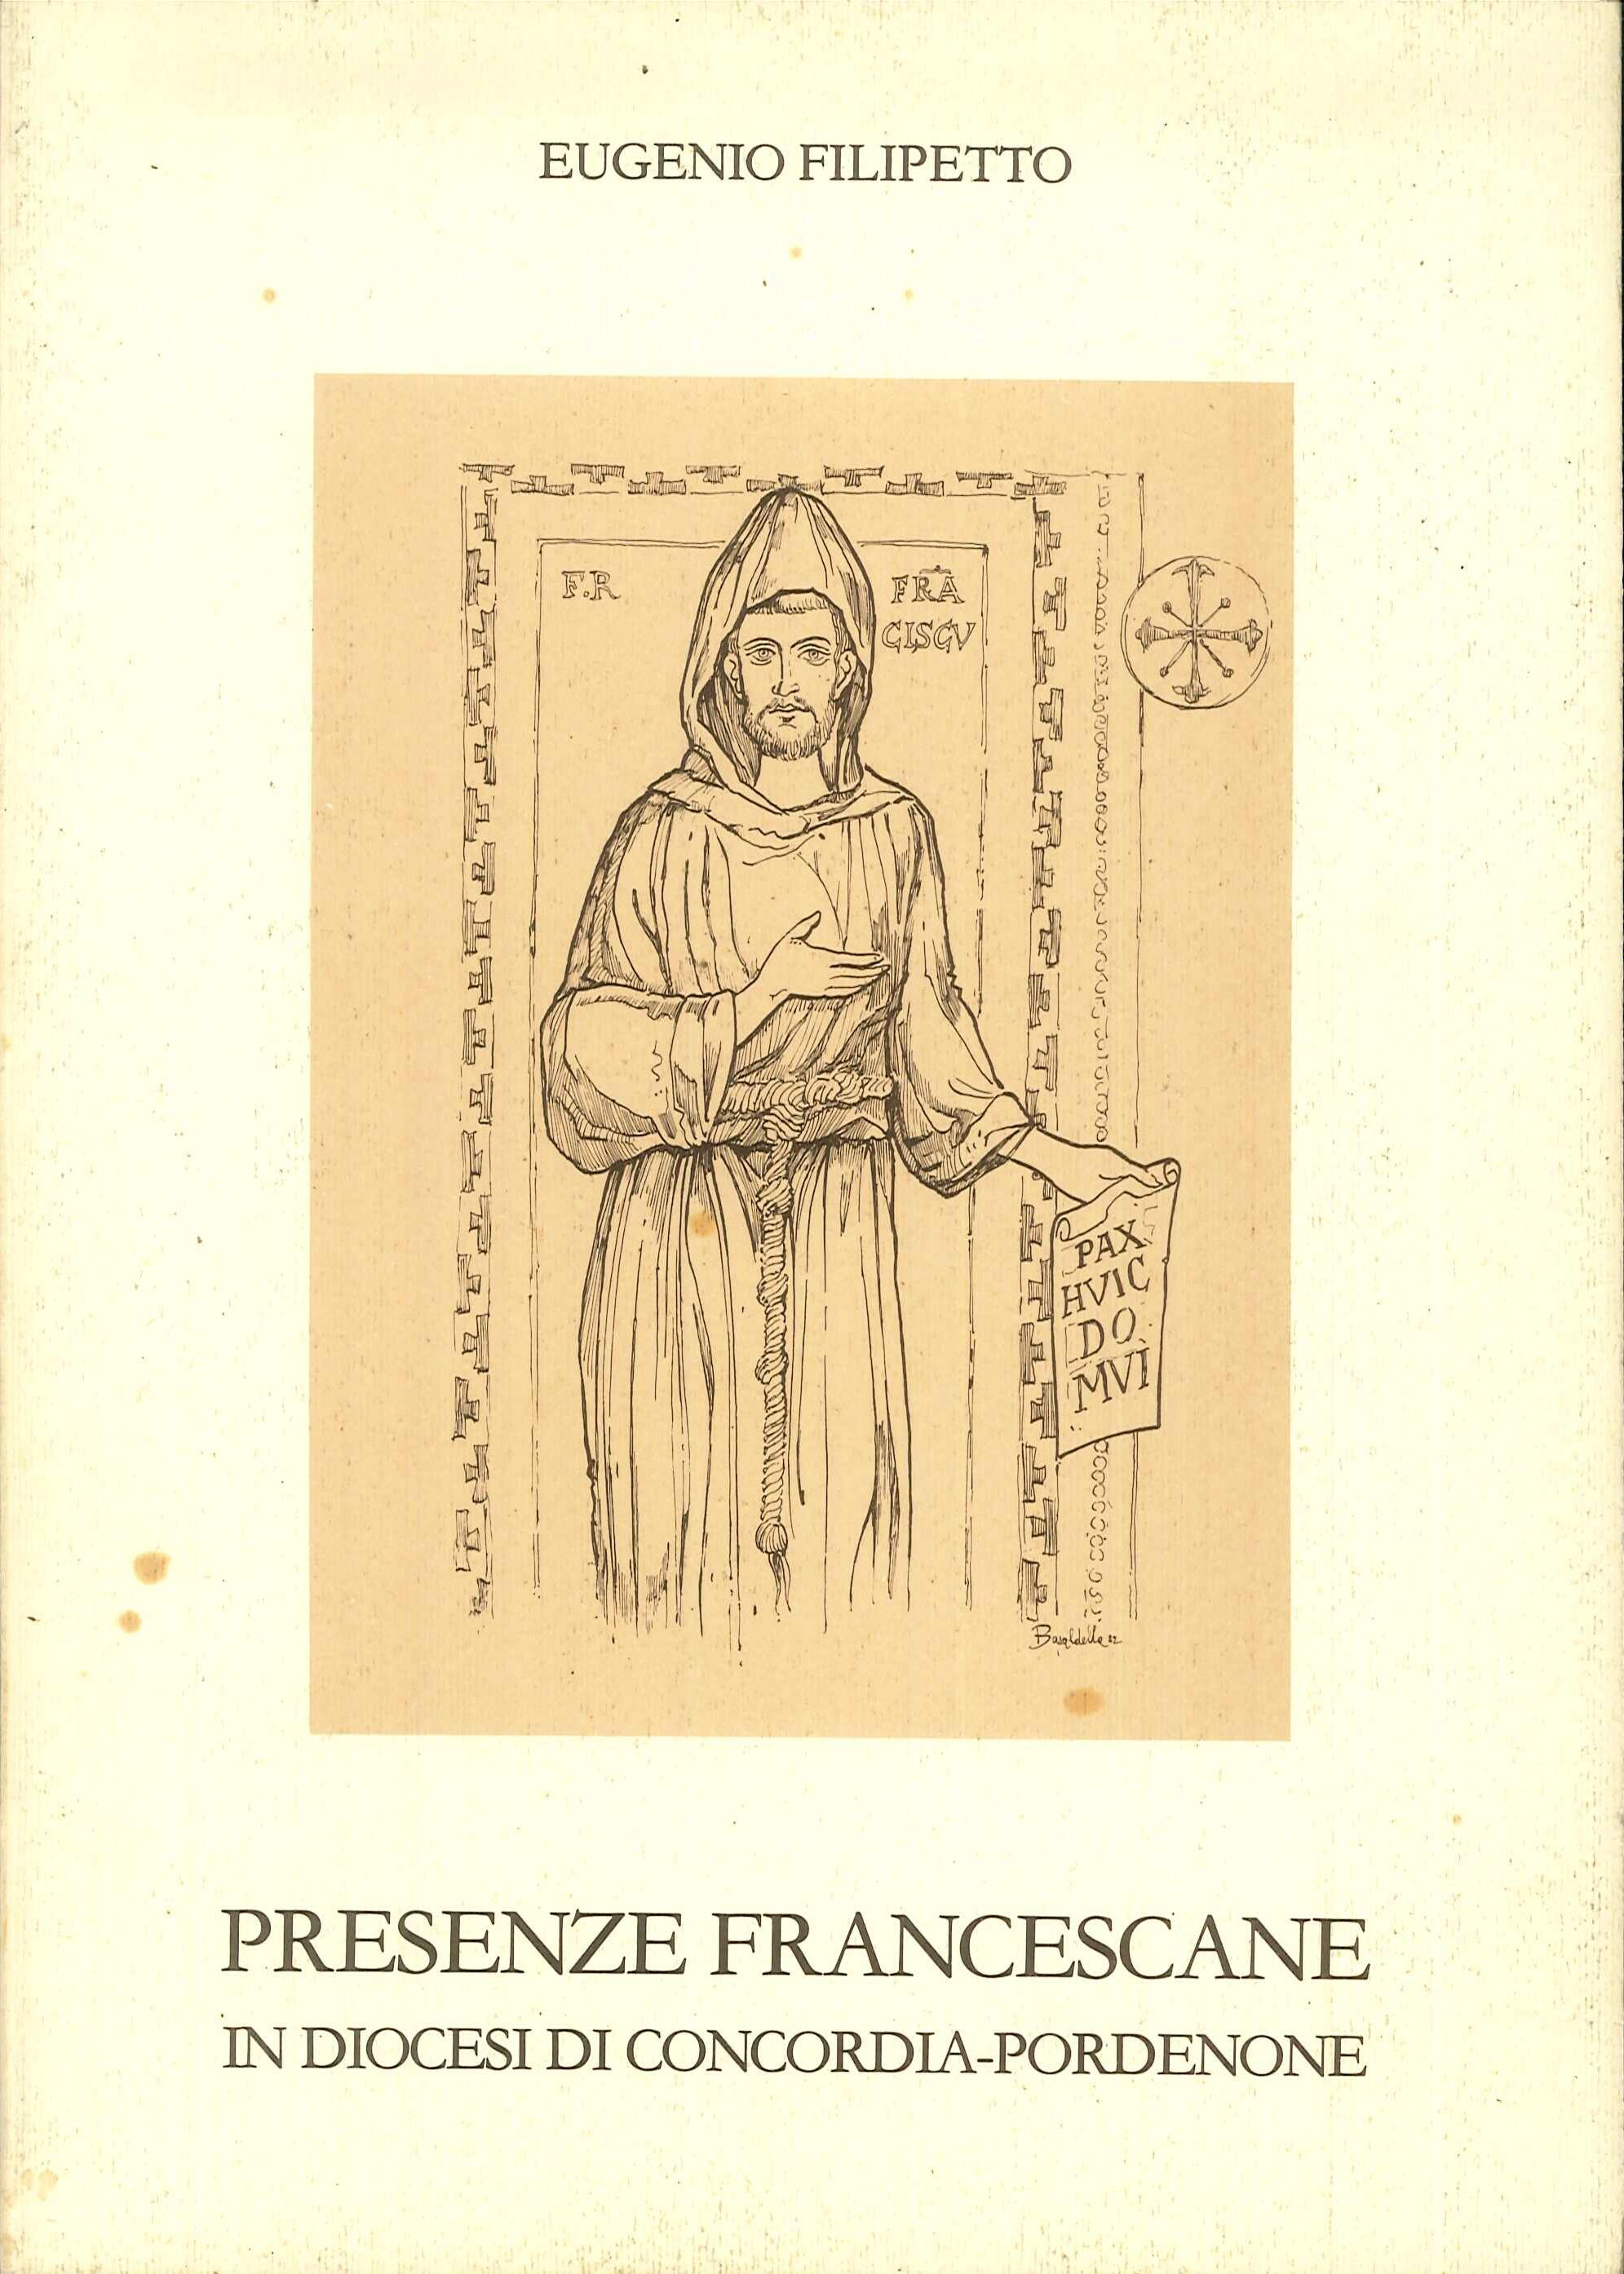 Presenze Francescane in Diocesi di Concordia-Pordenone.